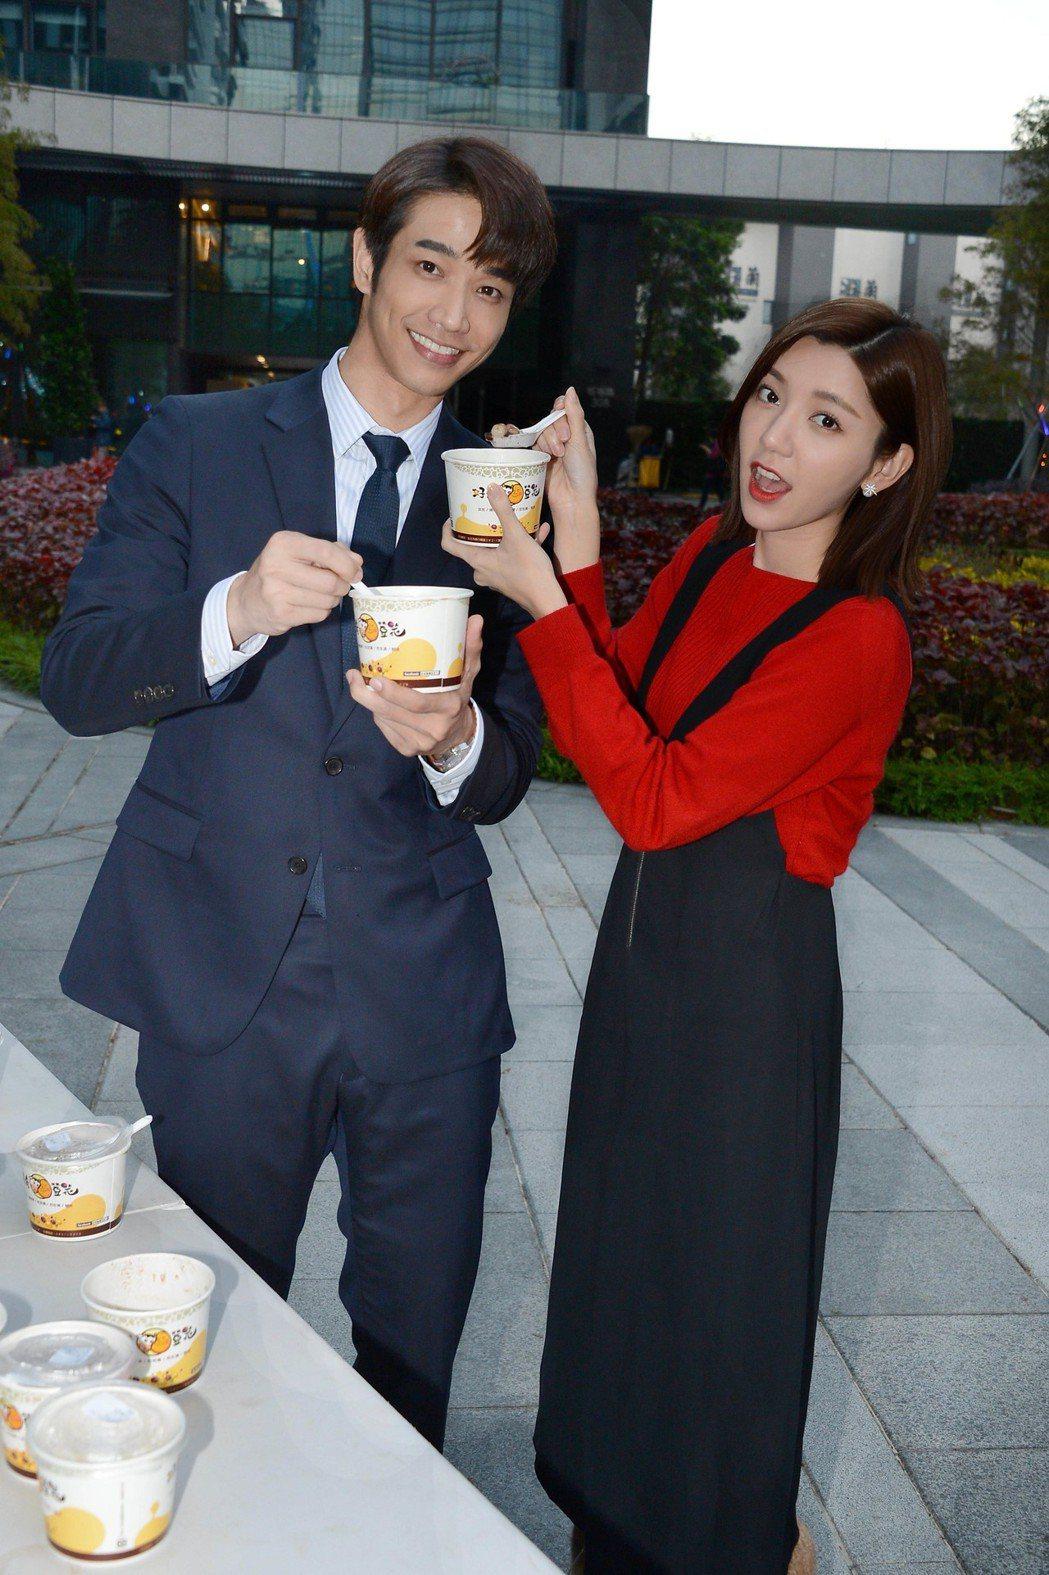 劉以豪(左)、郭雪芙拍新戲「我們不能是朋友」過冬至,2 人互餵吃湯圓。圖/八大提